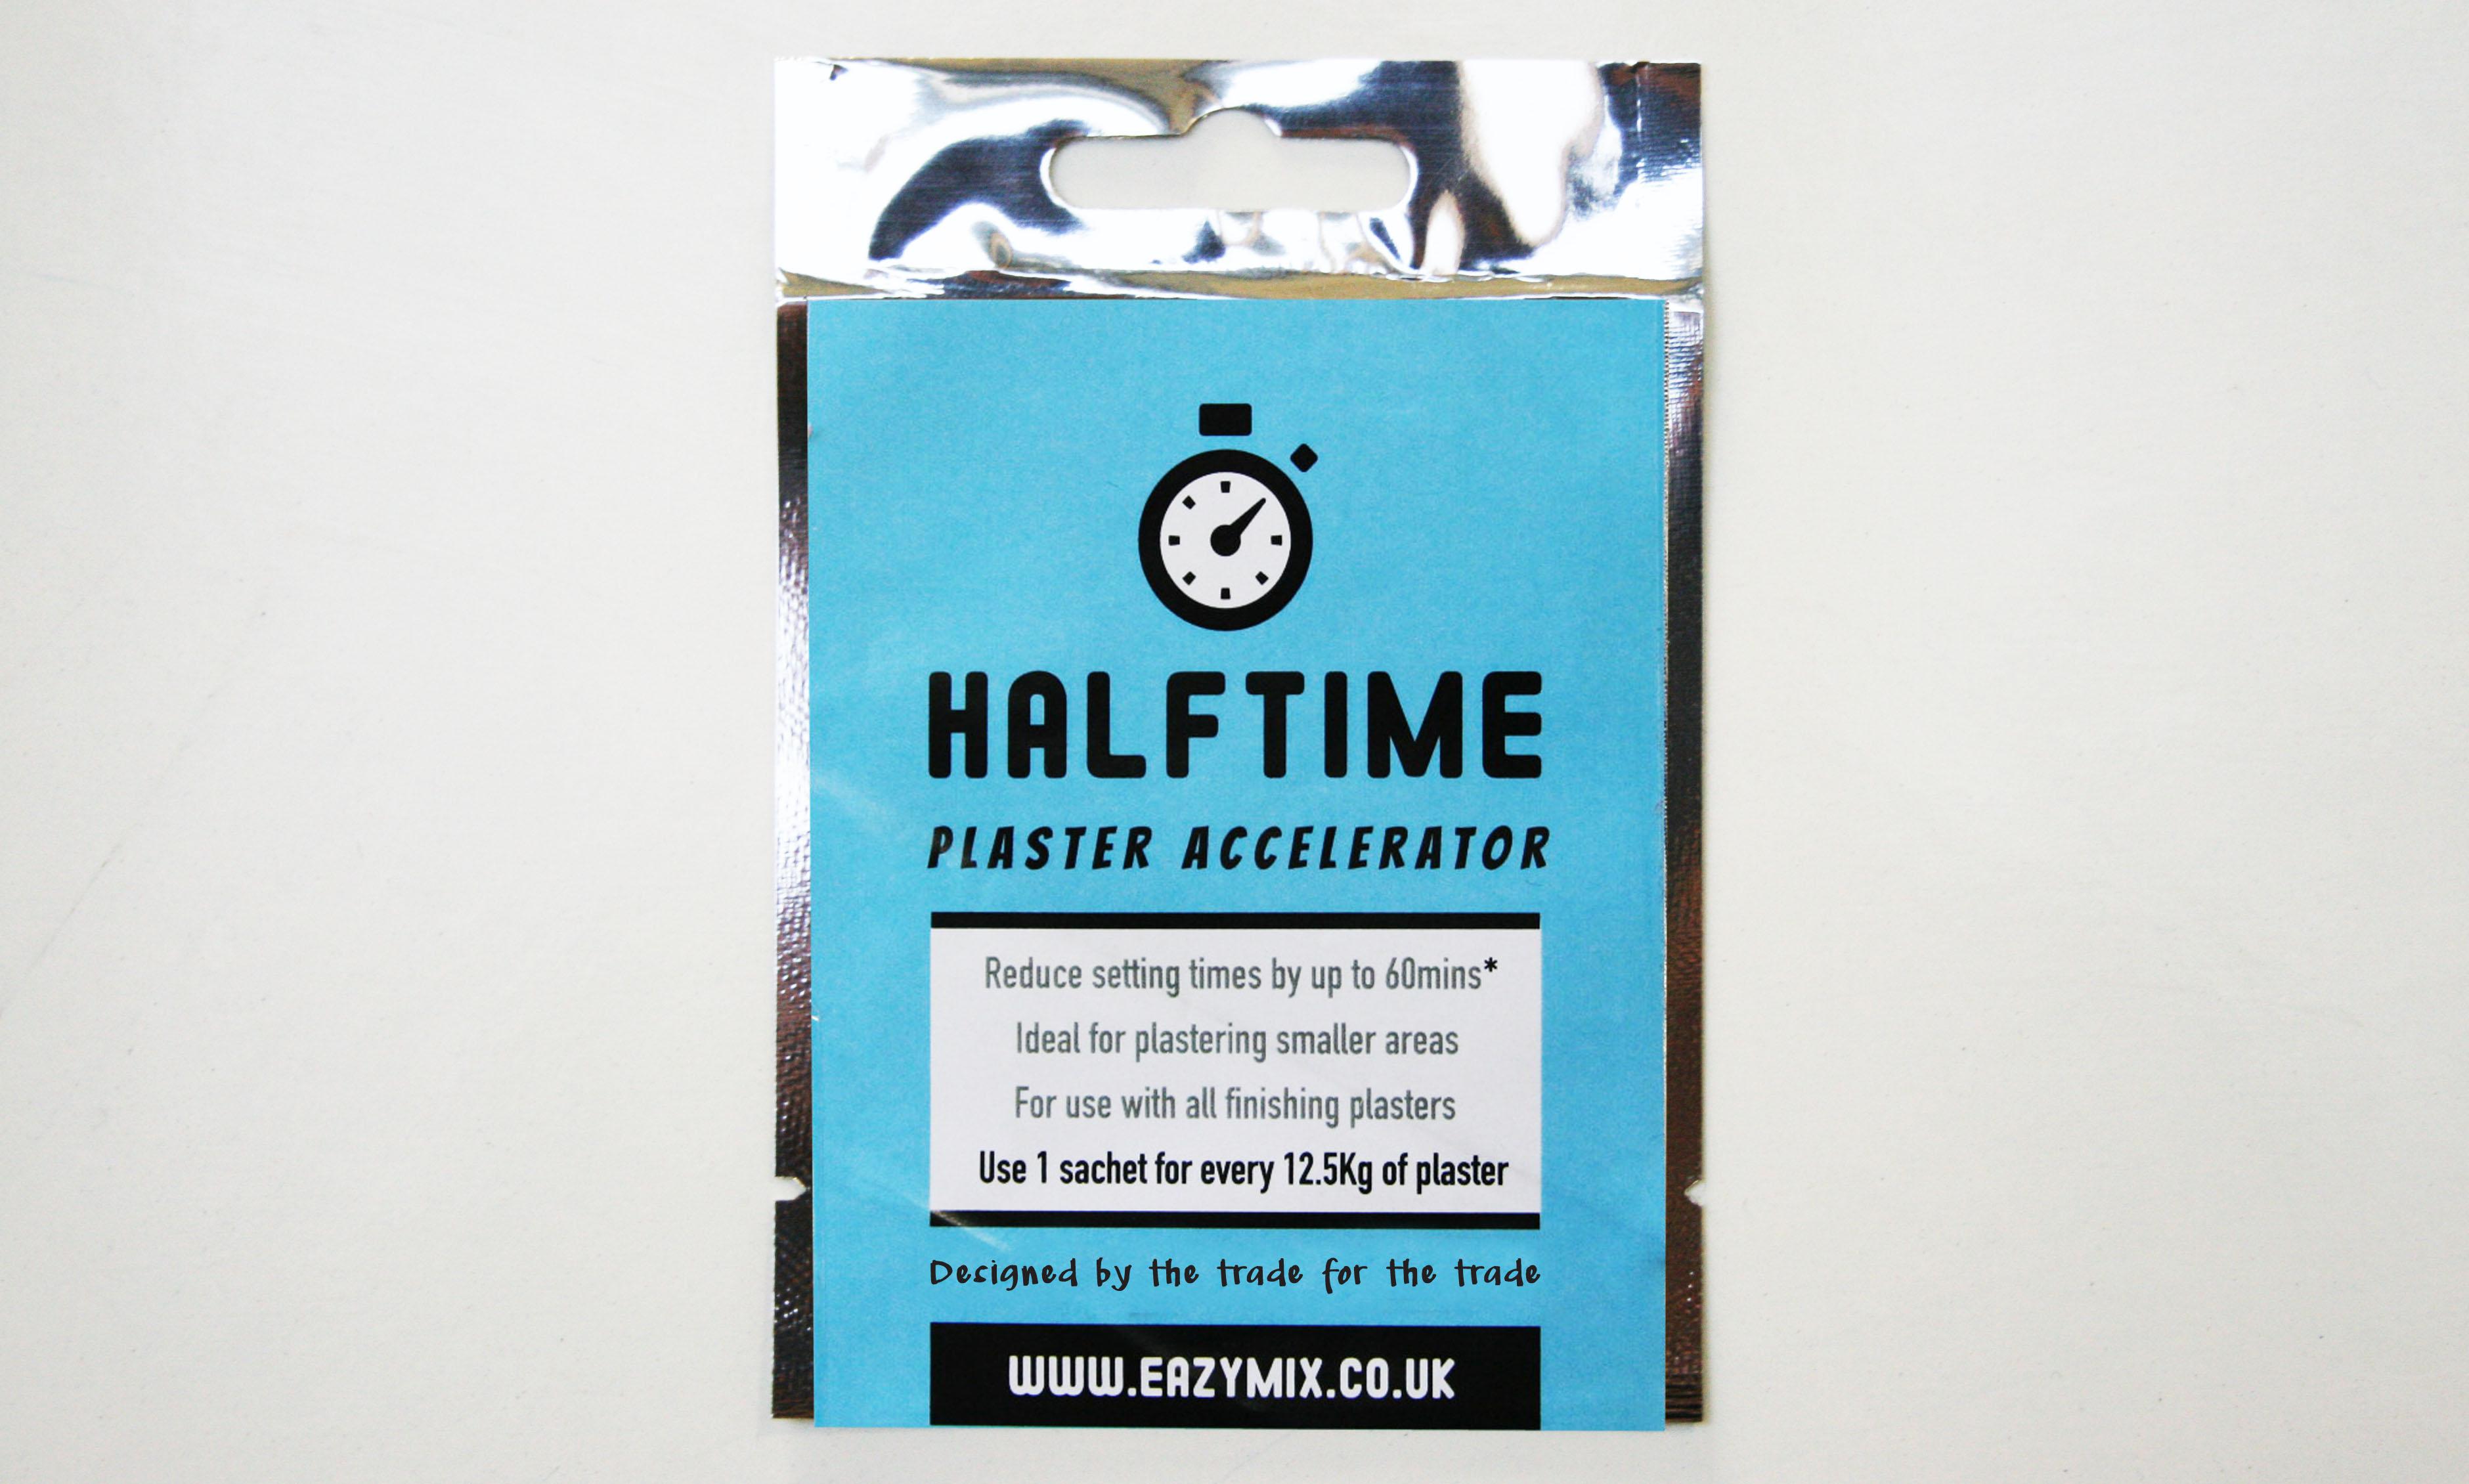 halftimepackaging7.jpg